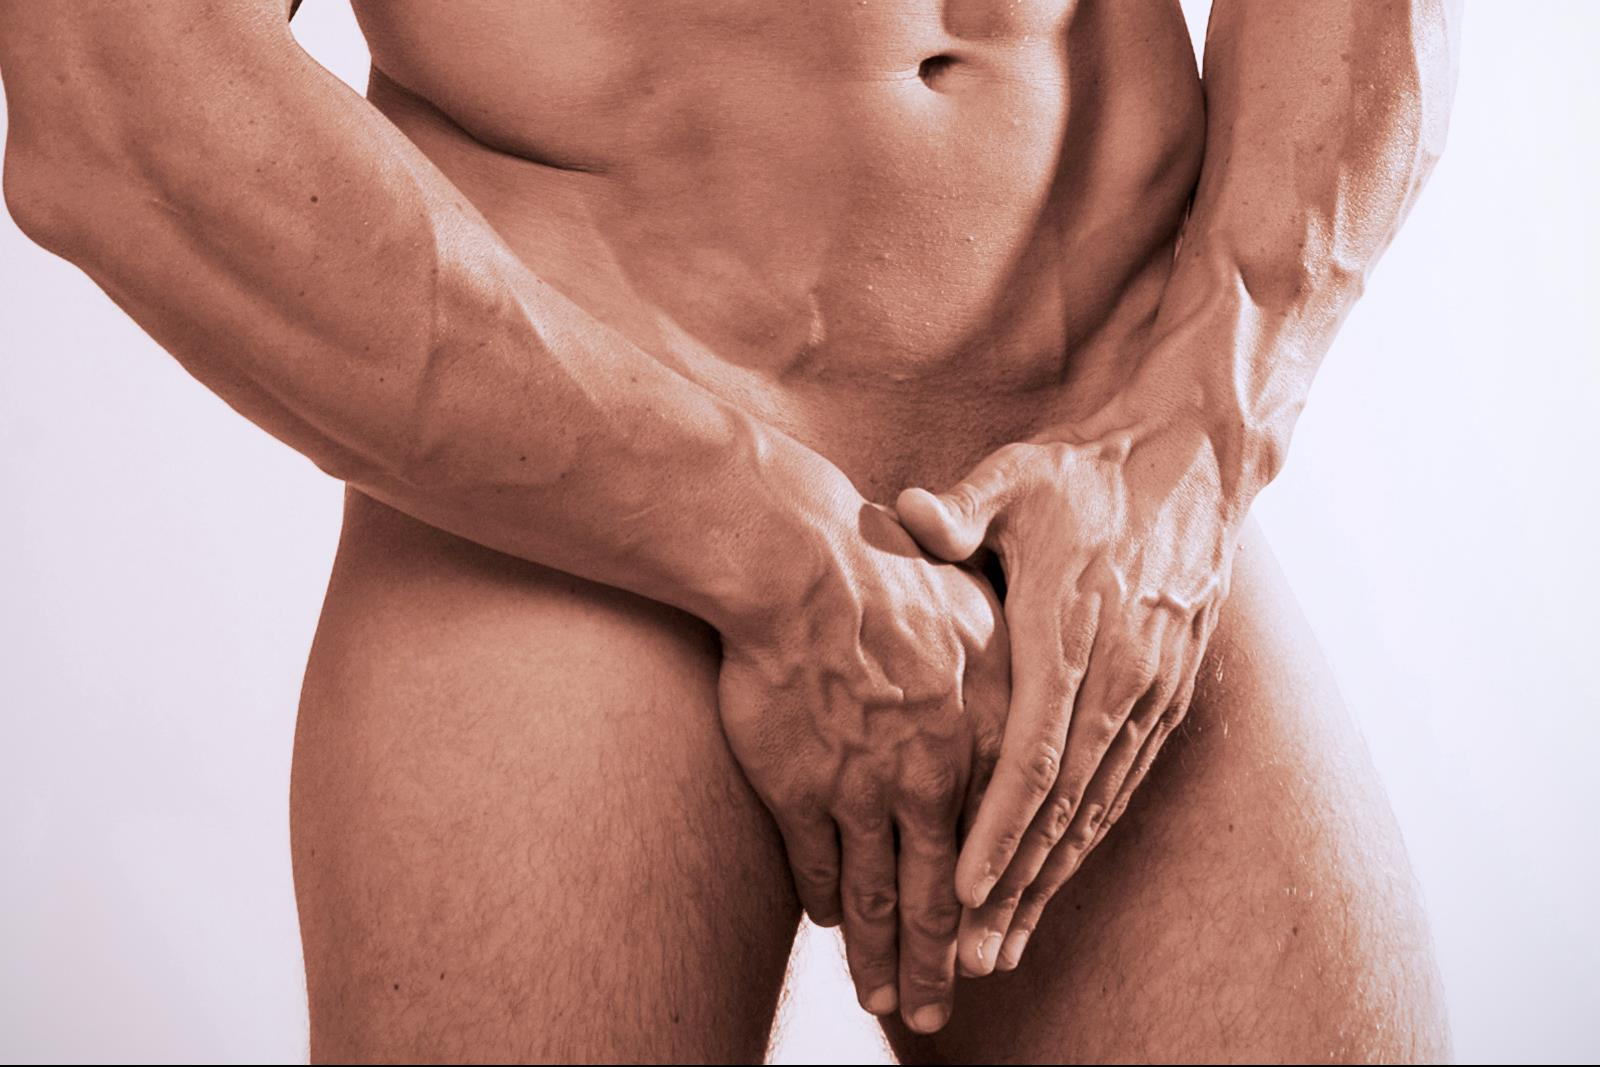 hogyan kell kezelni a pénisz ráncait miért esik le a srác erekciója